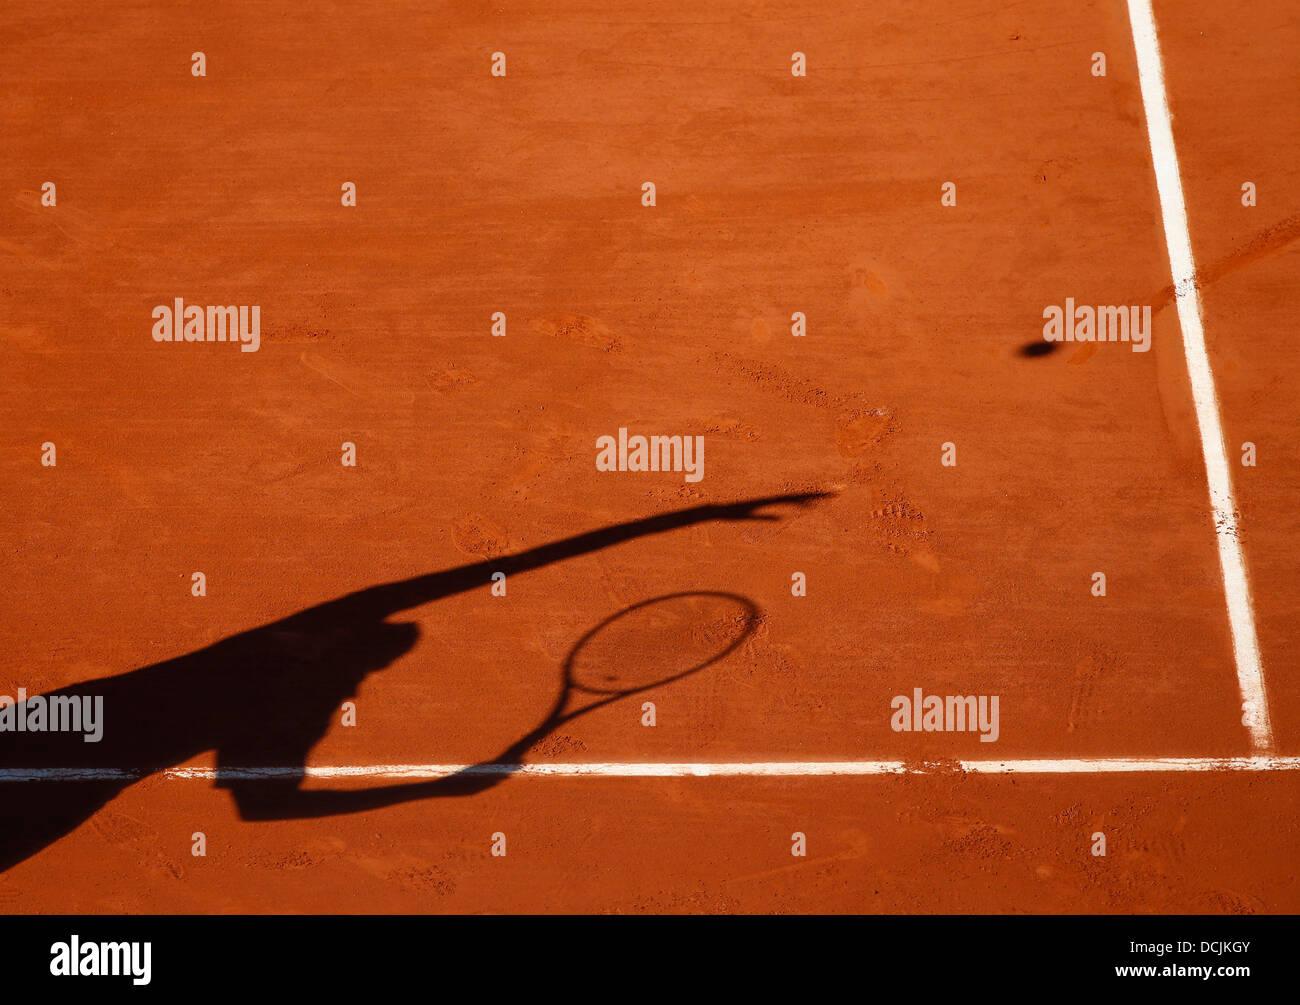 Ombra di un giocatore di tennis che serve la sfera. Immagini Stock